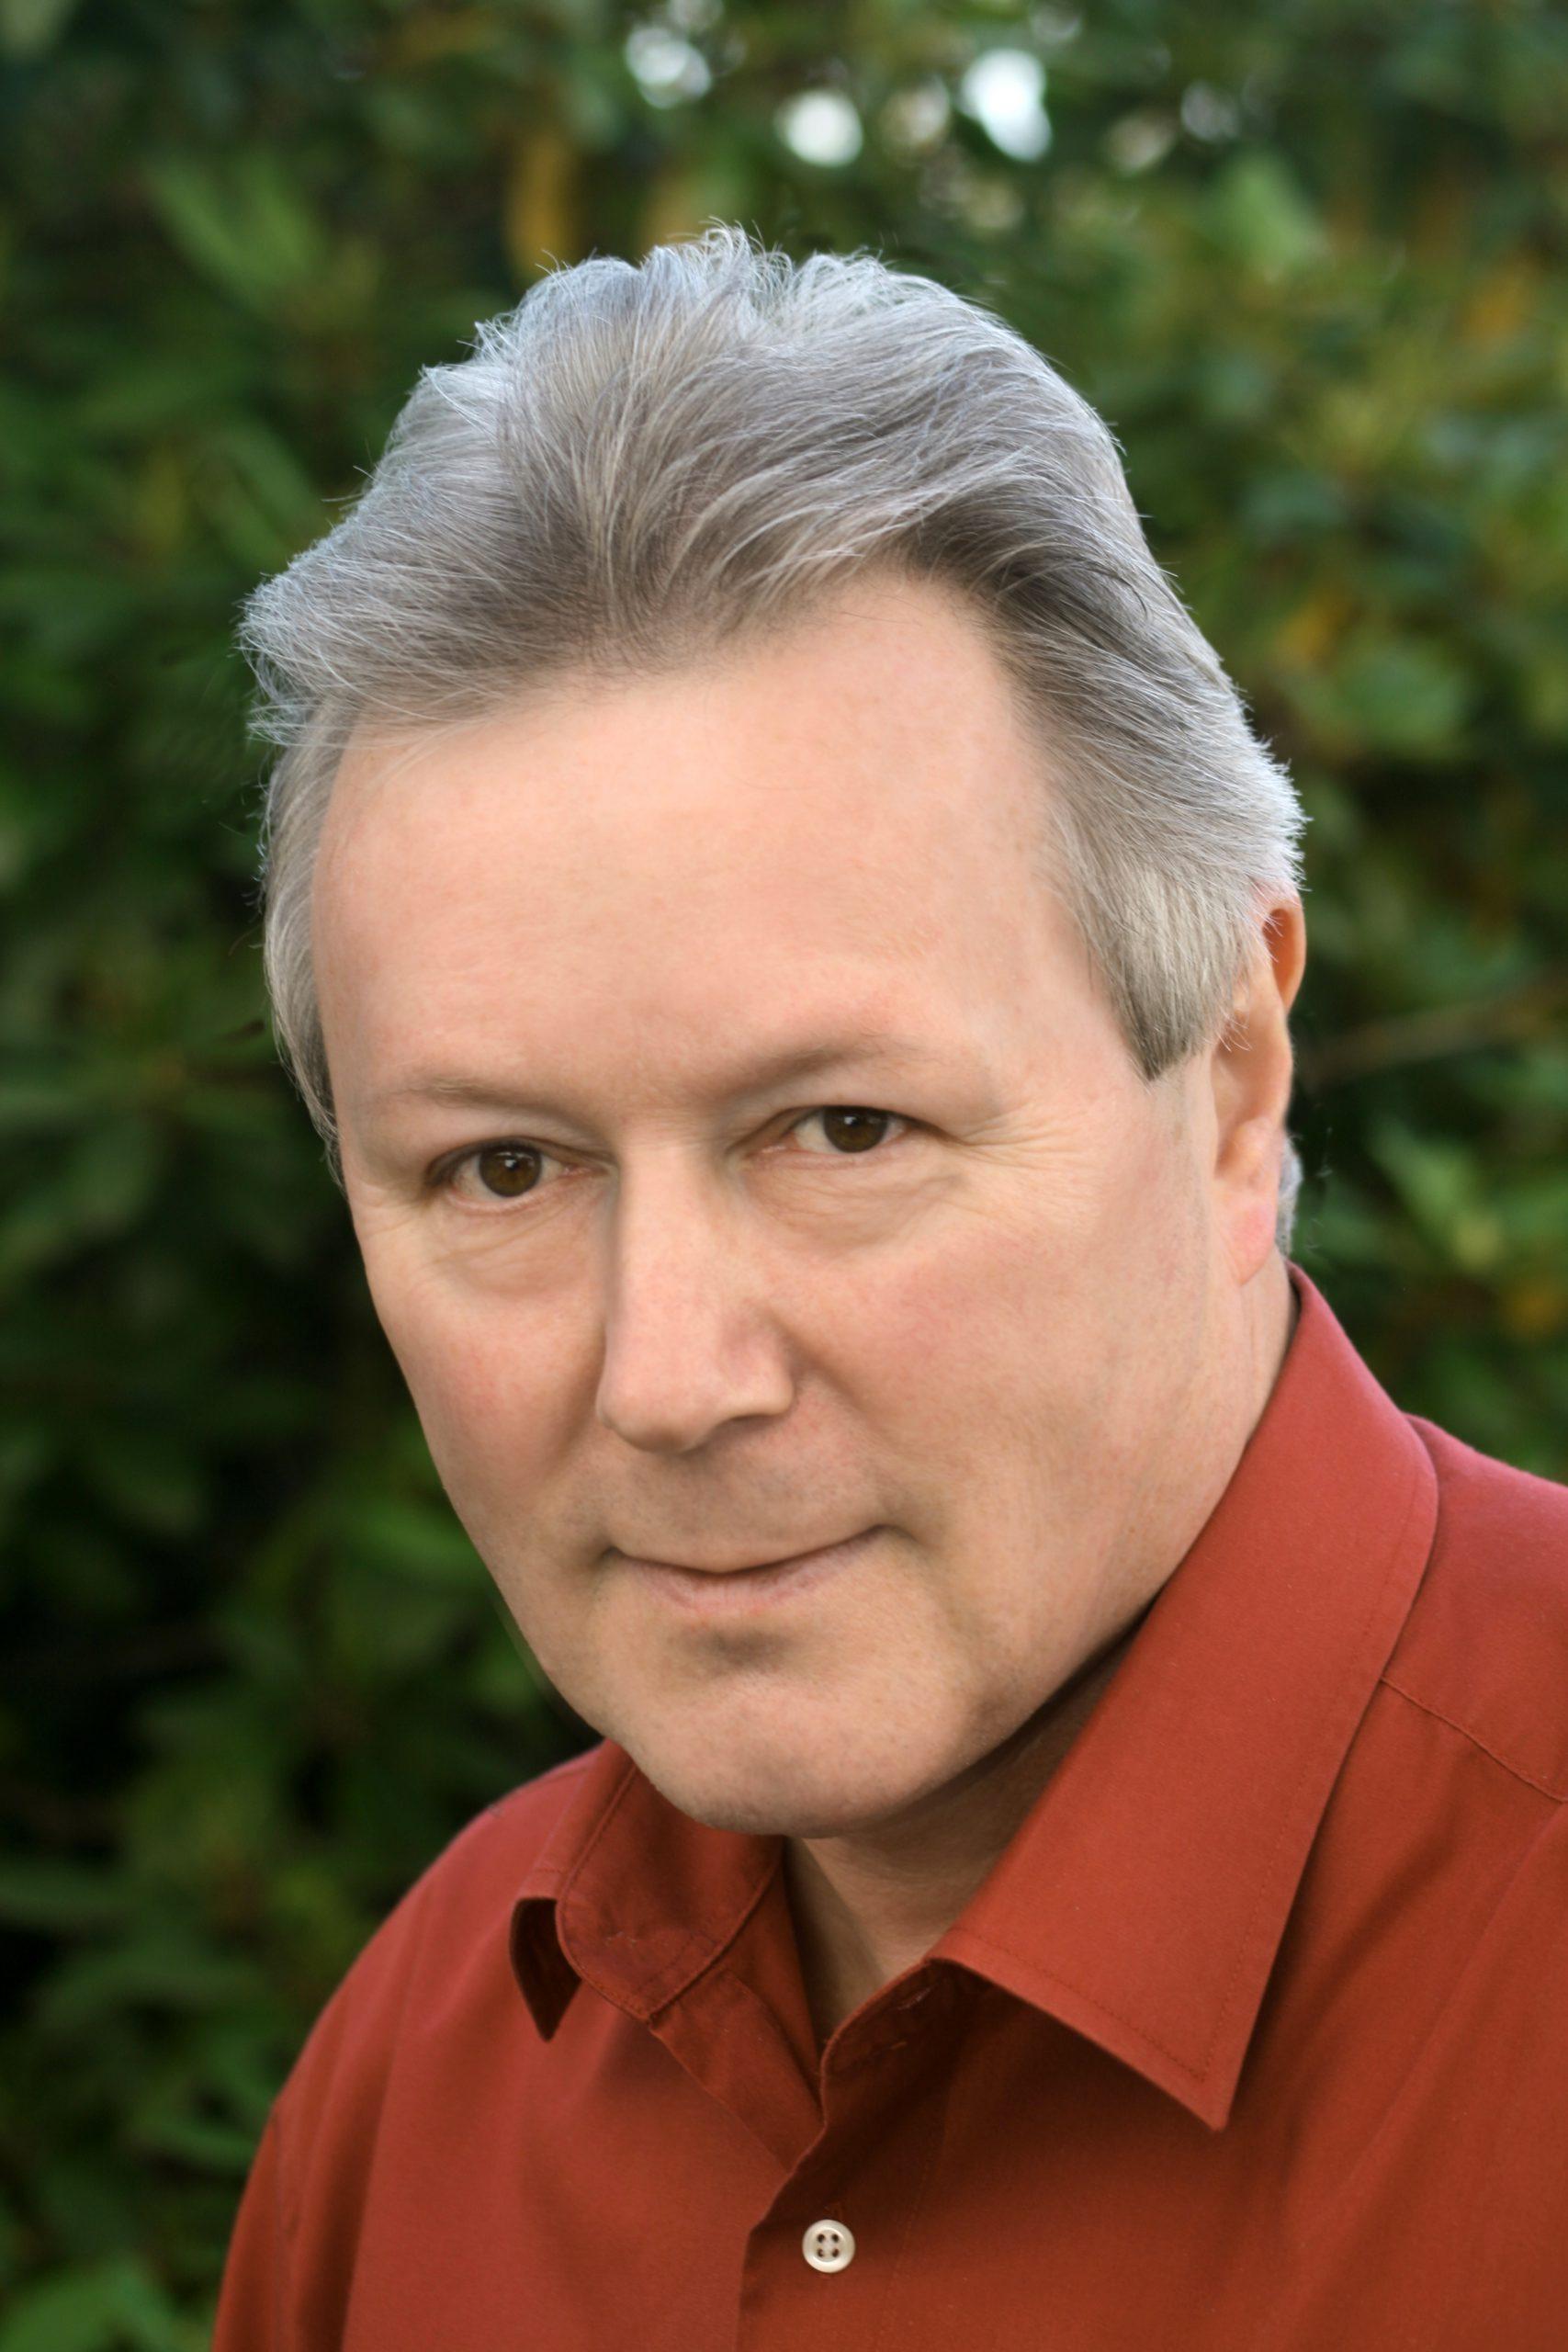 Pastor Herbert Ehrecke